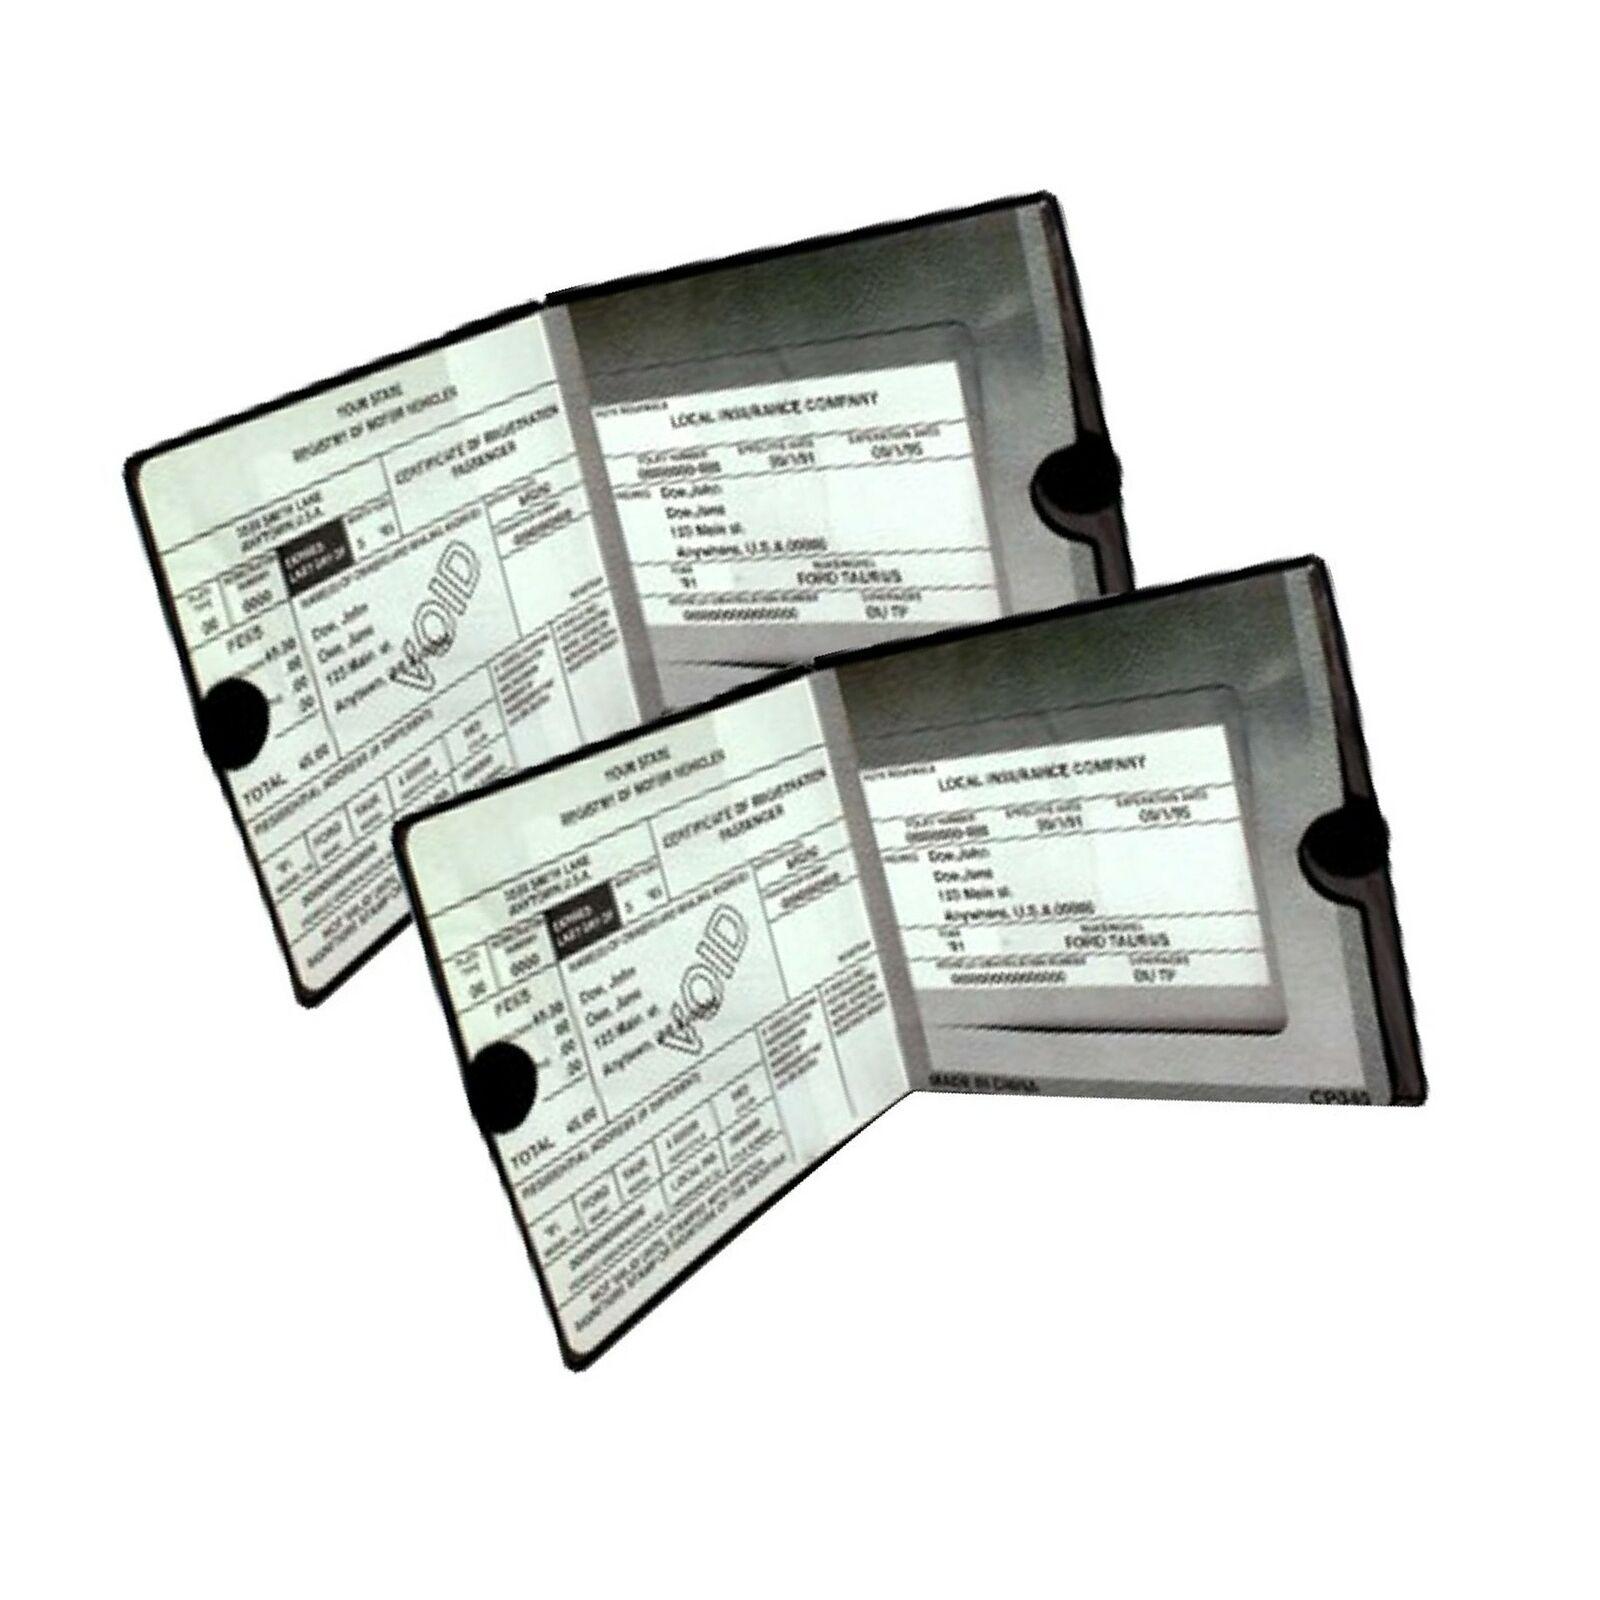 2 un. Coche Auto titulares de la cartera de documentos Negro de registro de seguros